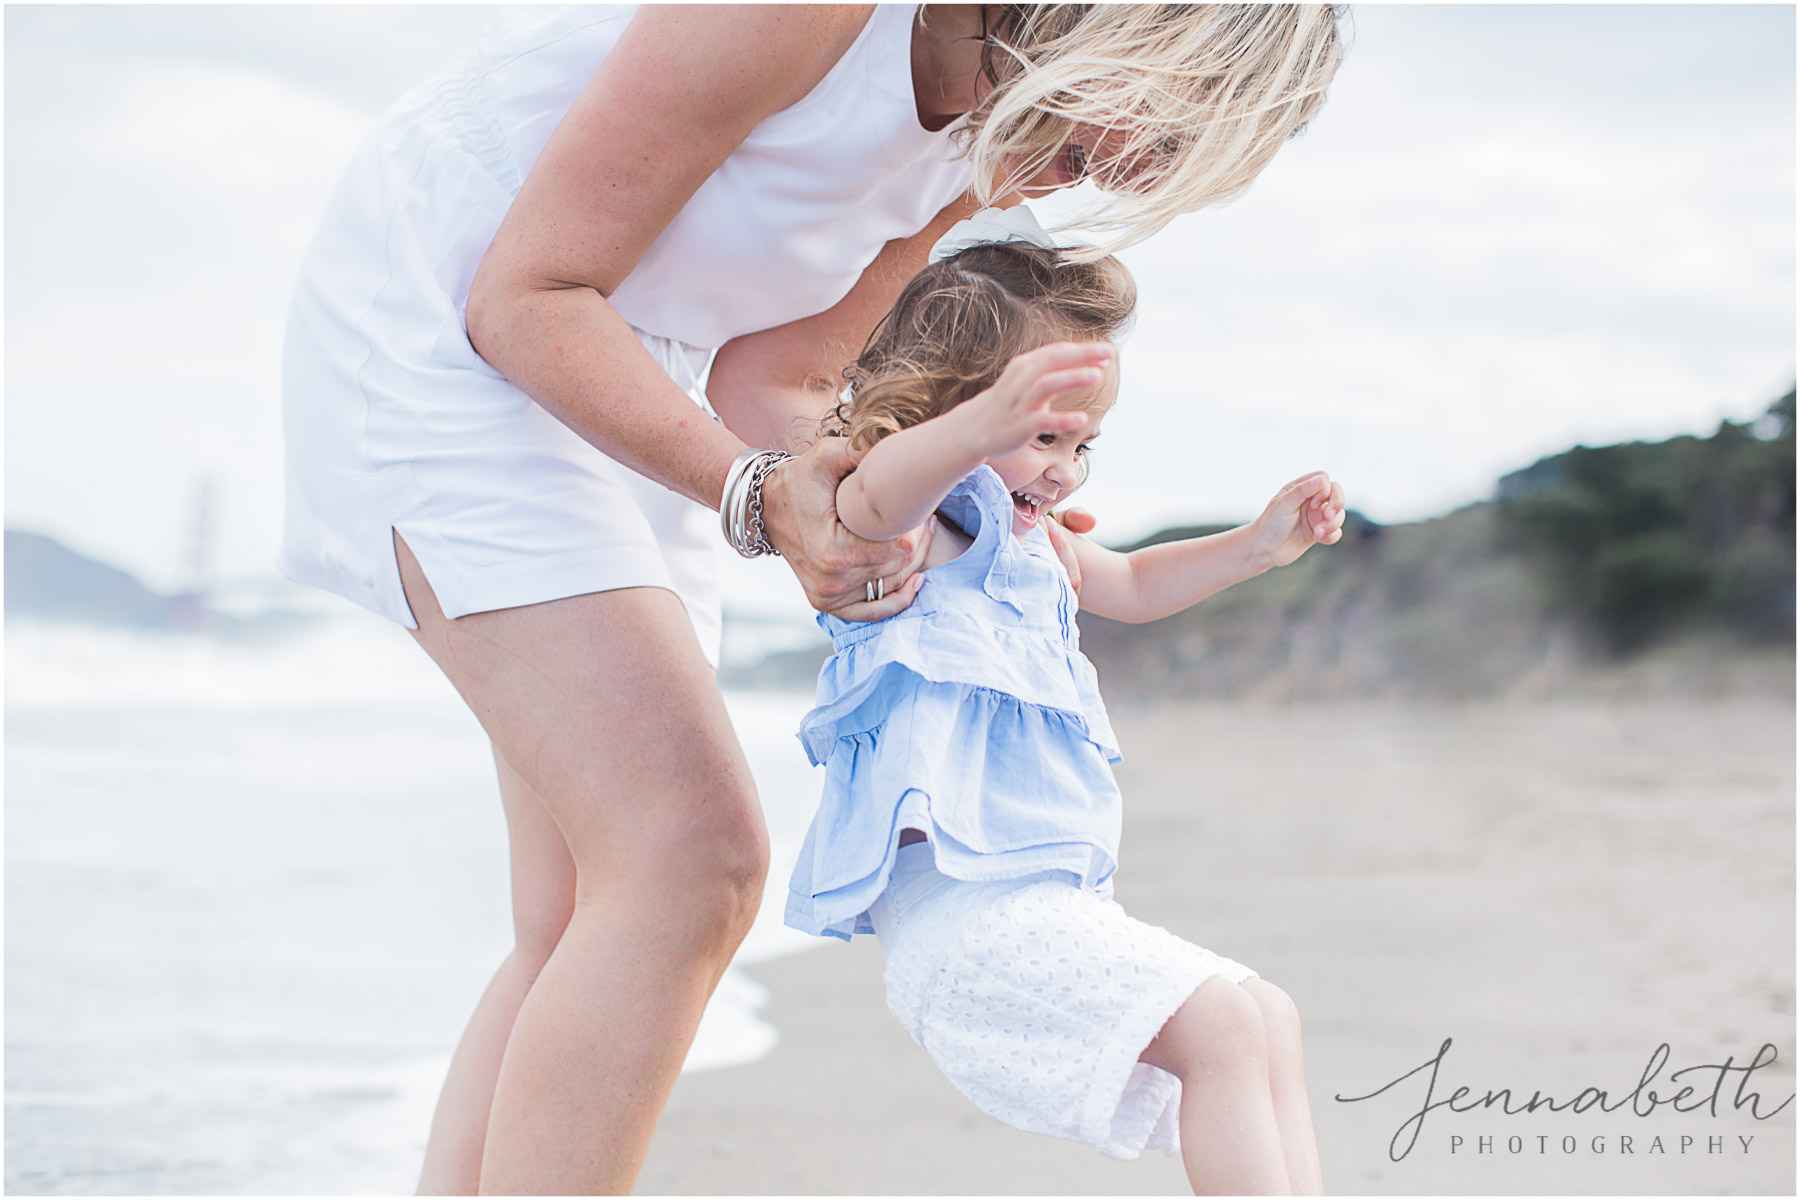 JennaBethPhotography-KFamily-6.jpg